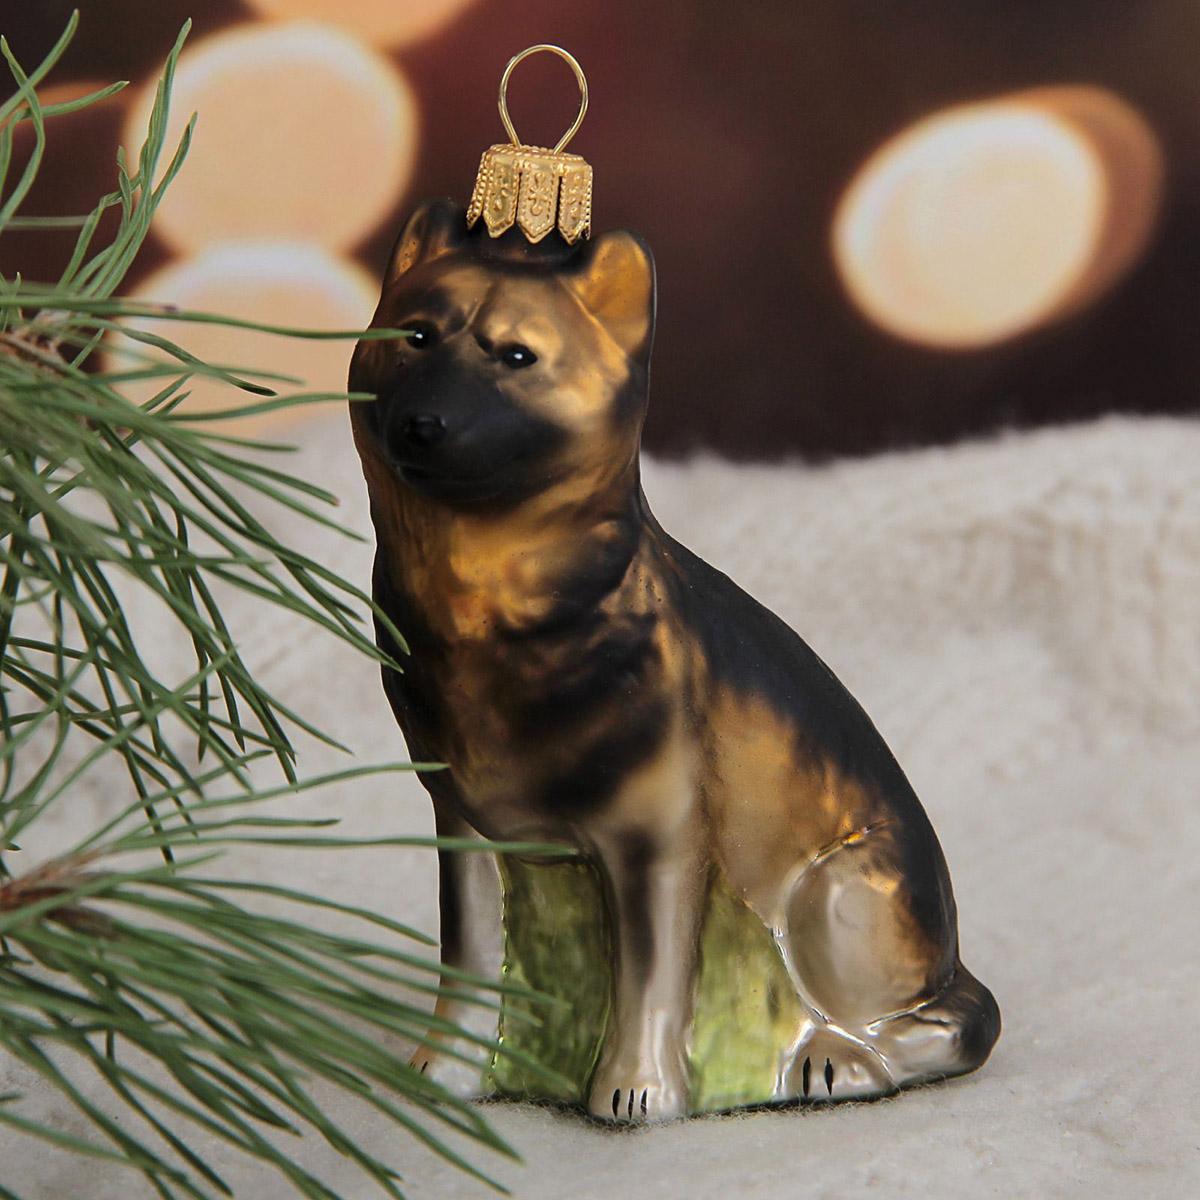 Новогоднее подвесное украшение Hanco Design Немецкая овчарка, высота 9 см106373Невозможно представить нашу жизнь без праздников! Мы всегда ждём их и предвкушаем, обдумываем, как проведём памятный день, тщательно выбираем подарки и аксессуары, ведь именно они создают и поддерживают торжественный настрой.